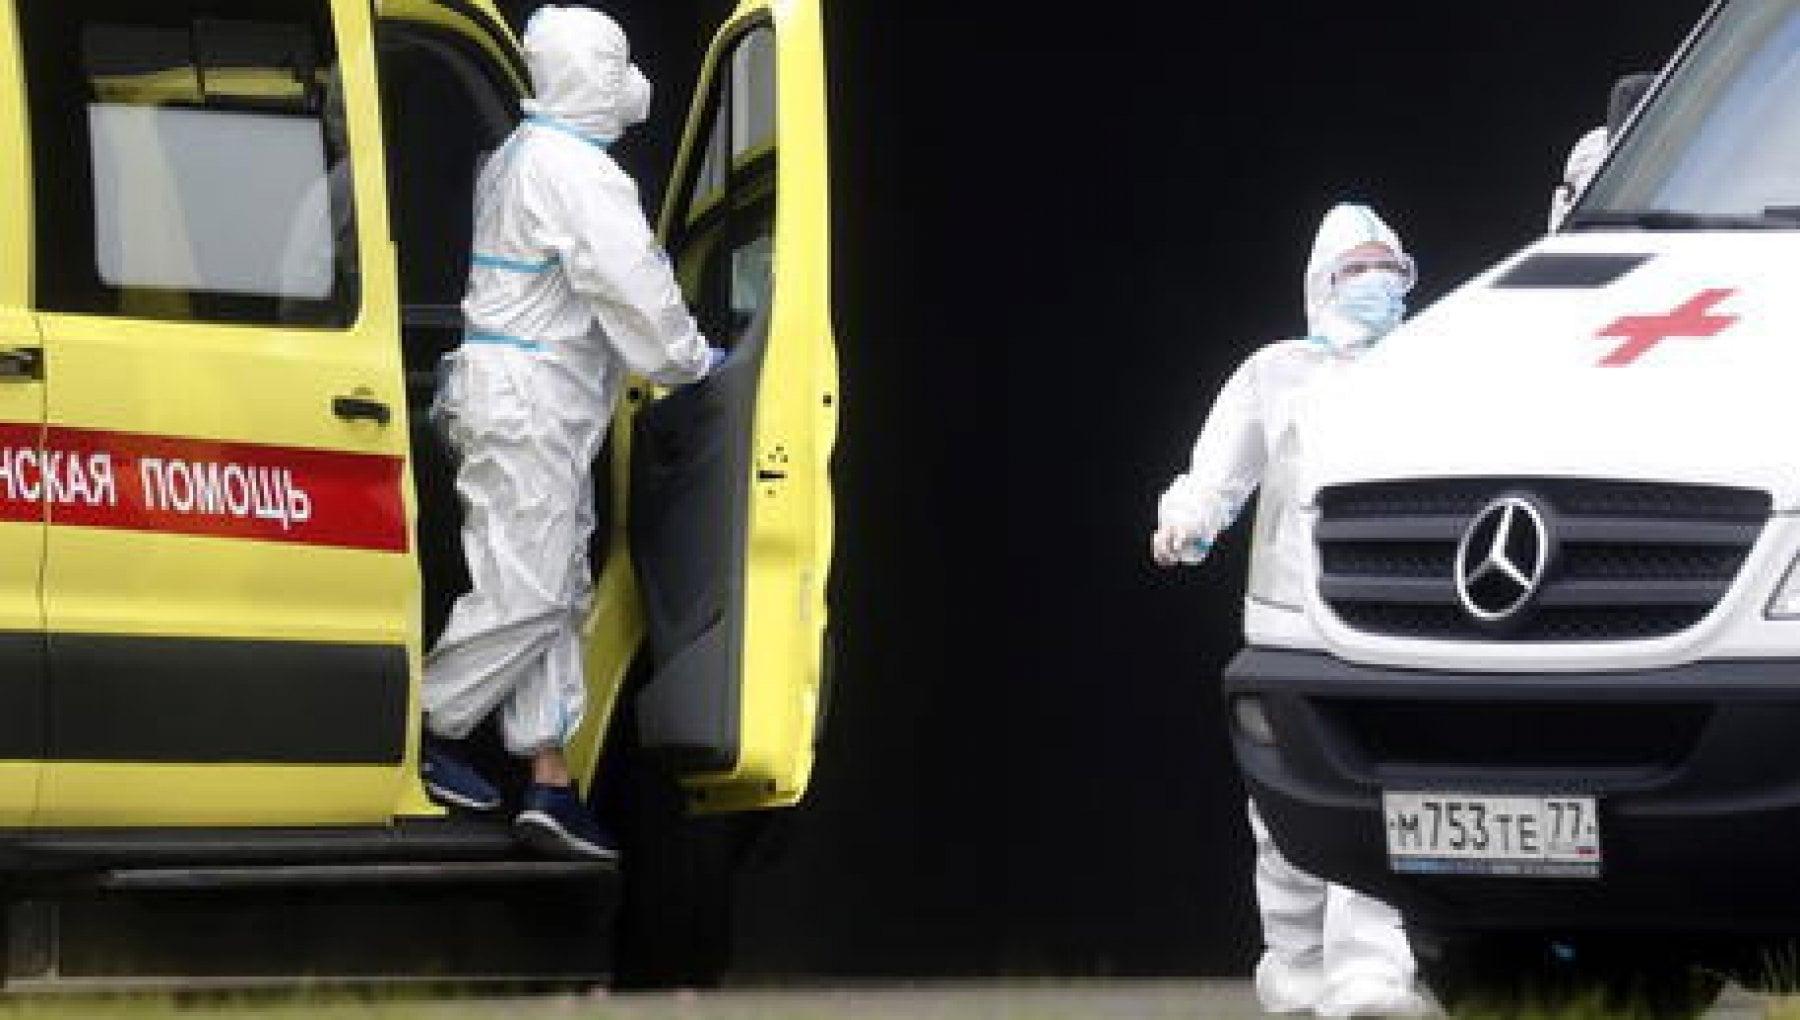 020525841 f2f099bc 7280 4499 b0c3 16811fe8c500 - Russia: esplosione su un autobus, un morto e 17 feriti